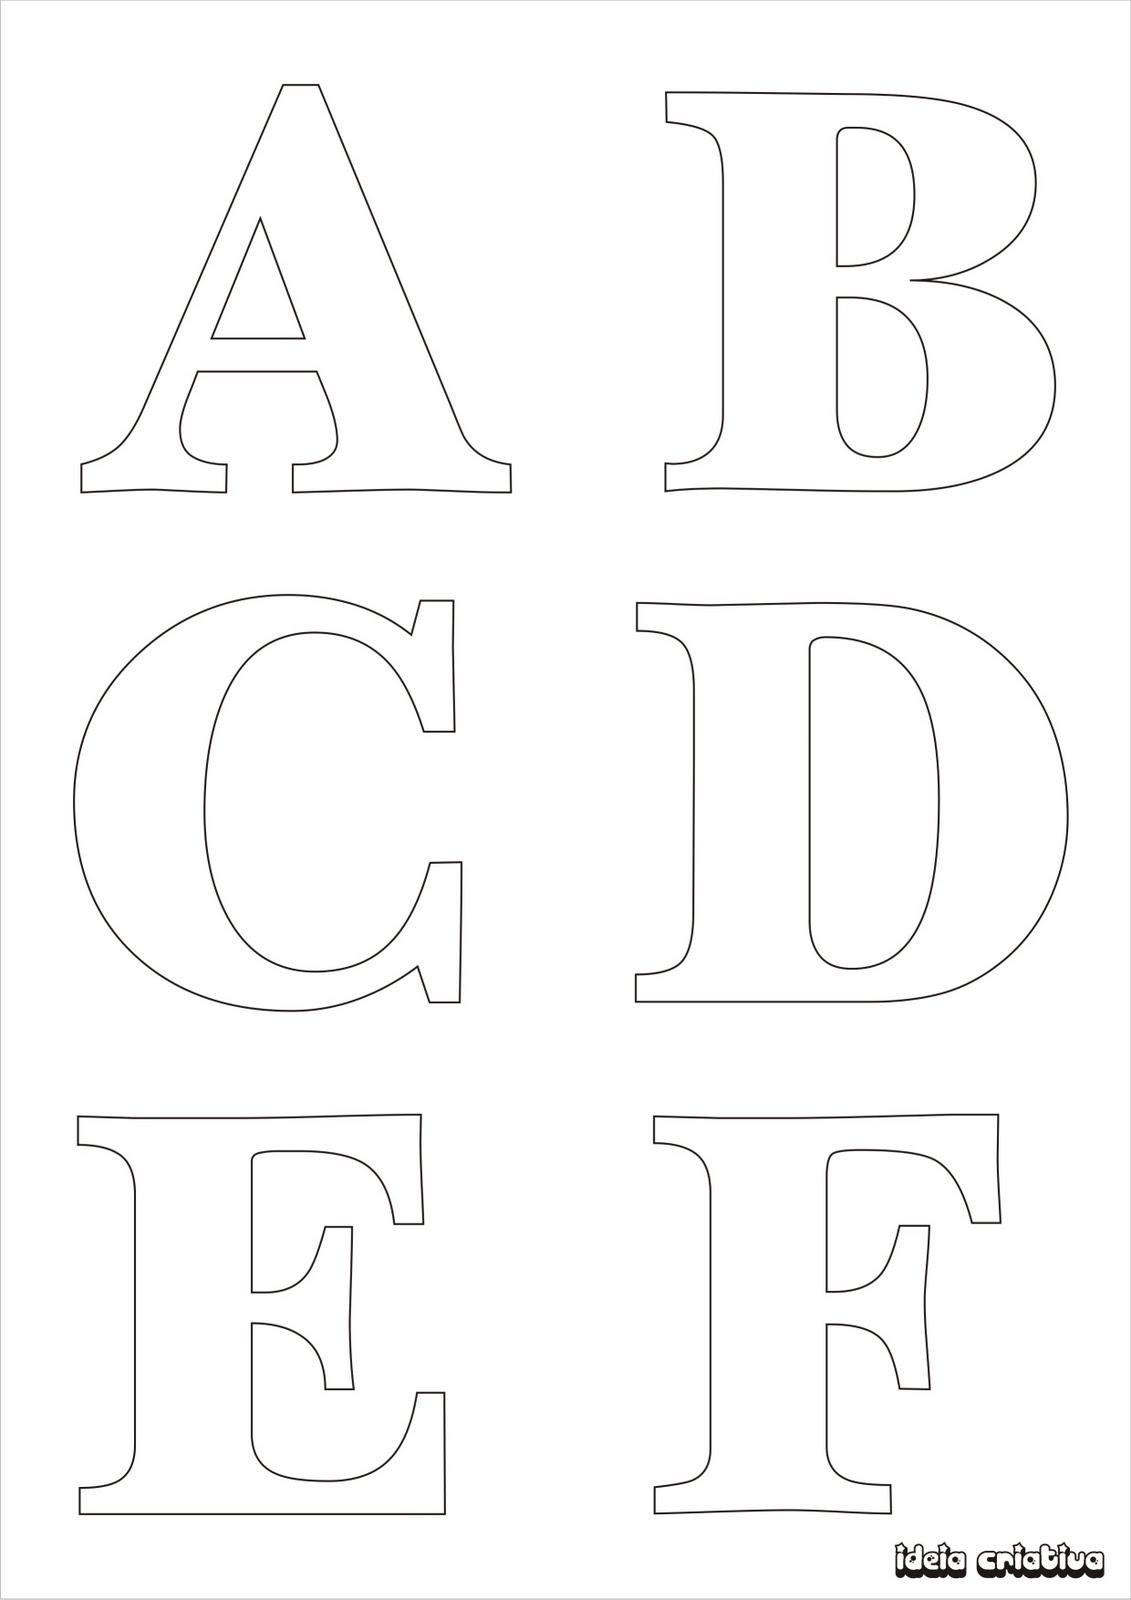 molde de letras para imprimir alfabeto completo fonte vazada ideia criativa gi carvalho. Black Bedroom Furniture Sets. Home Design Ideas